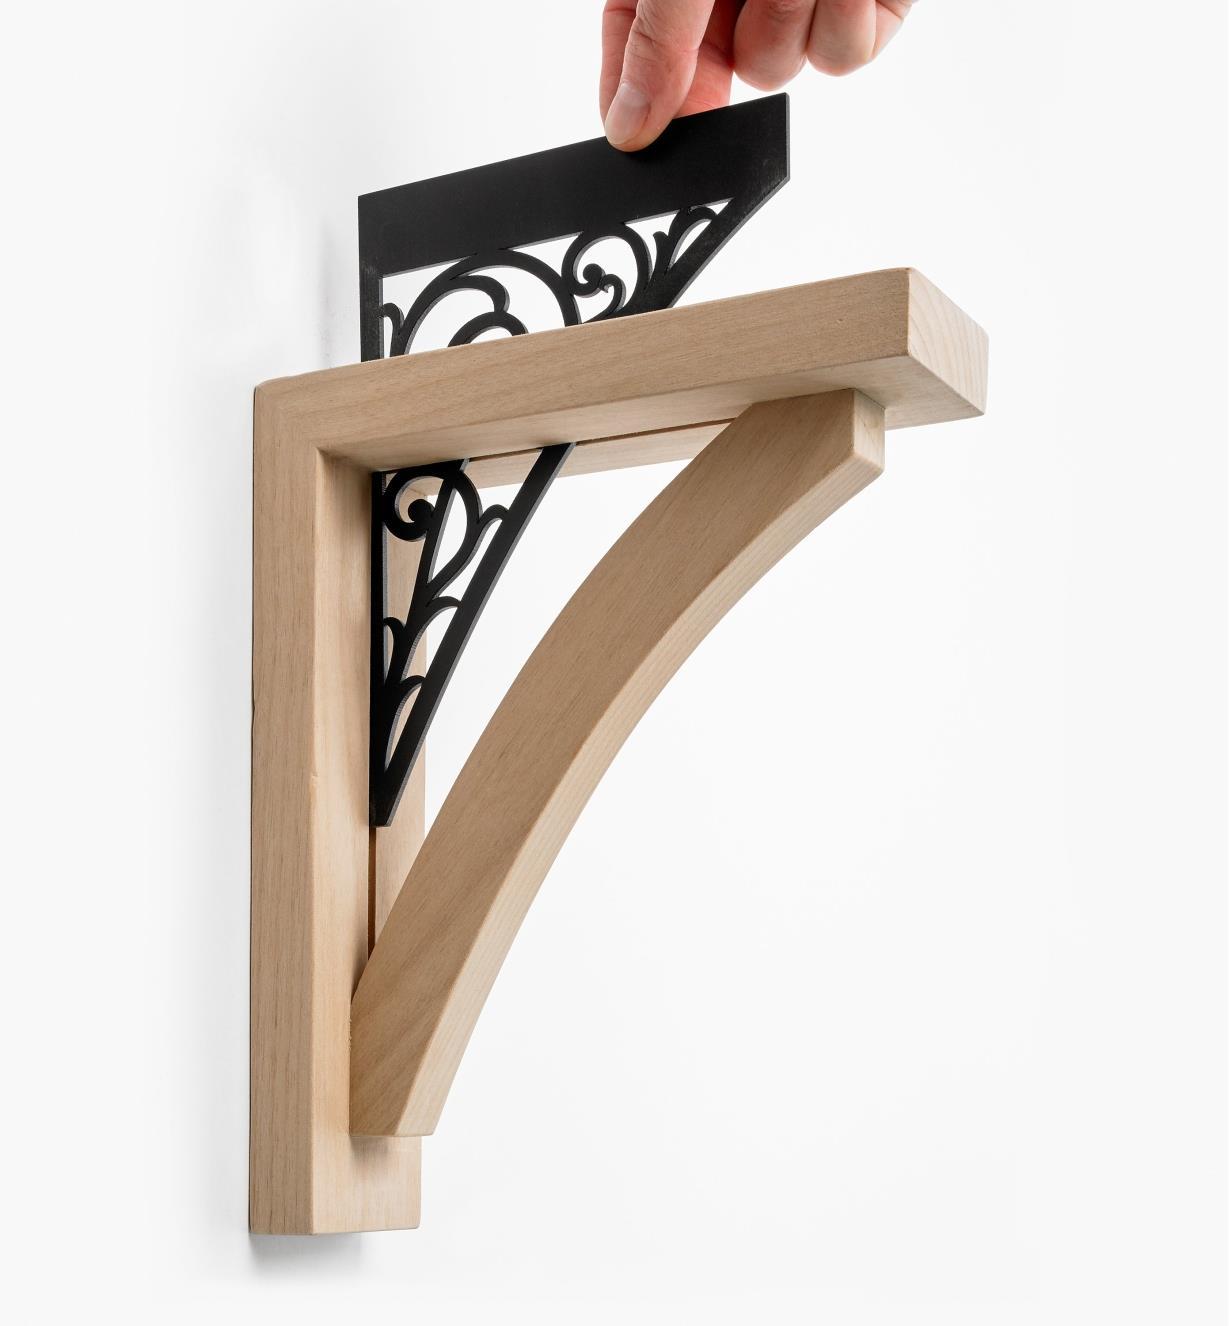 Placing the fiberboard insert in the Scroll Wooden Shelf Bracket